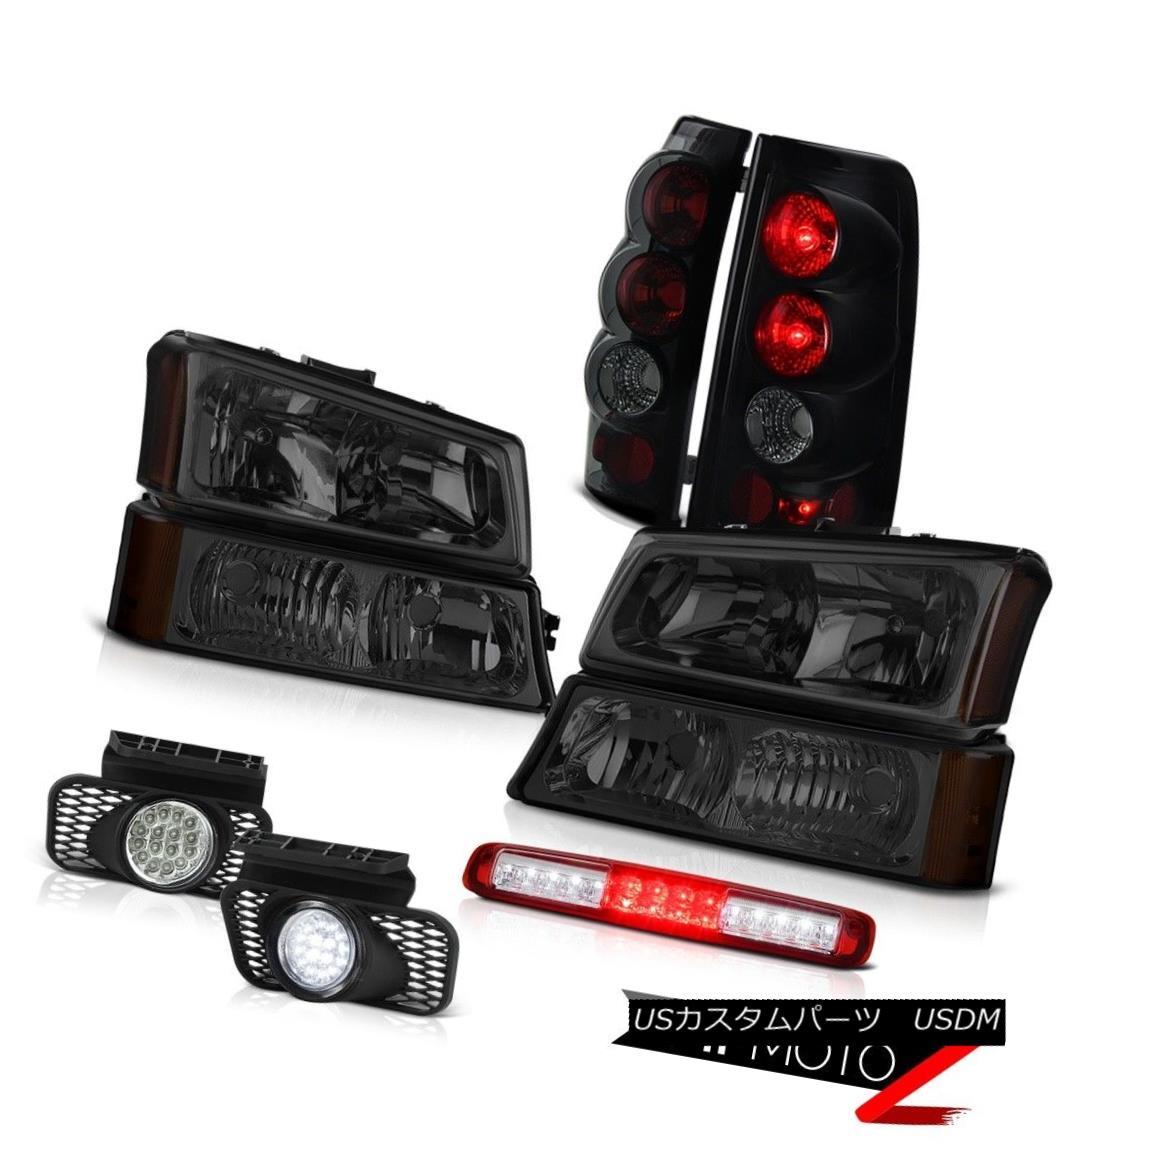 ヘッドライト 03-06 Silverado Parking Light Wine Red High Stop Lamp Headlamps Fog Lights Tail 03-06 Silverado駐車ライトライトワインレッドハイストップランプヘッドランプフォグライトテール